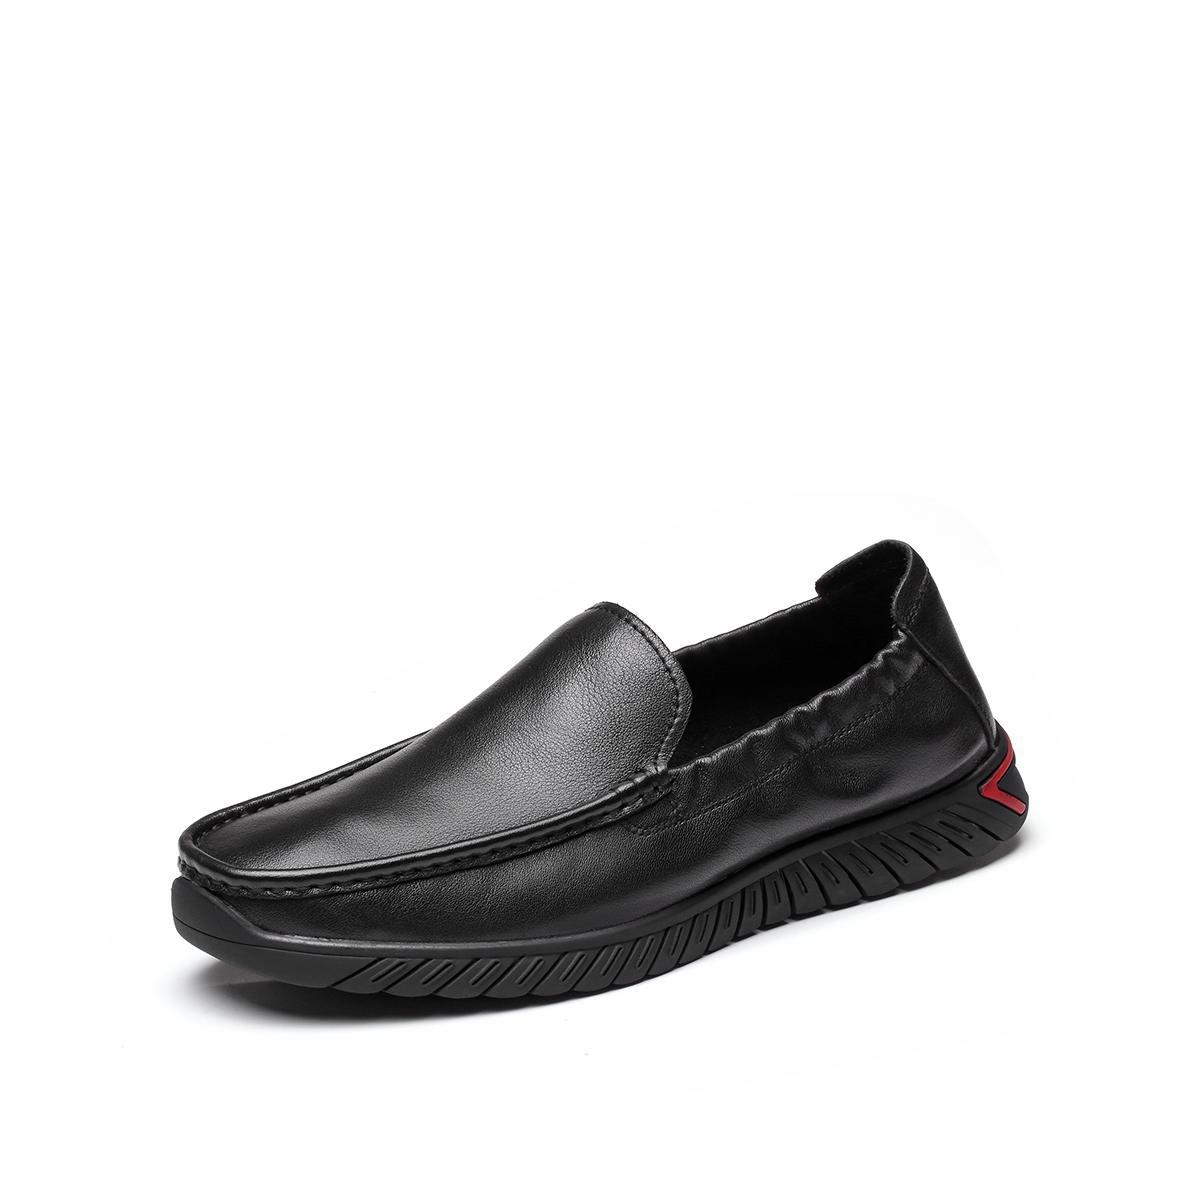 森达森达2020春季新款专柜同款简约一脚蹬舒适休闲男豆豆鞋VGL1DP07DU1AM0